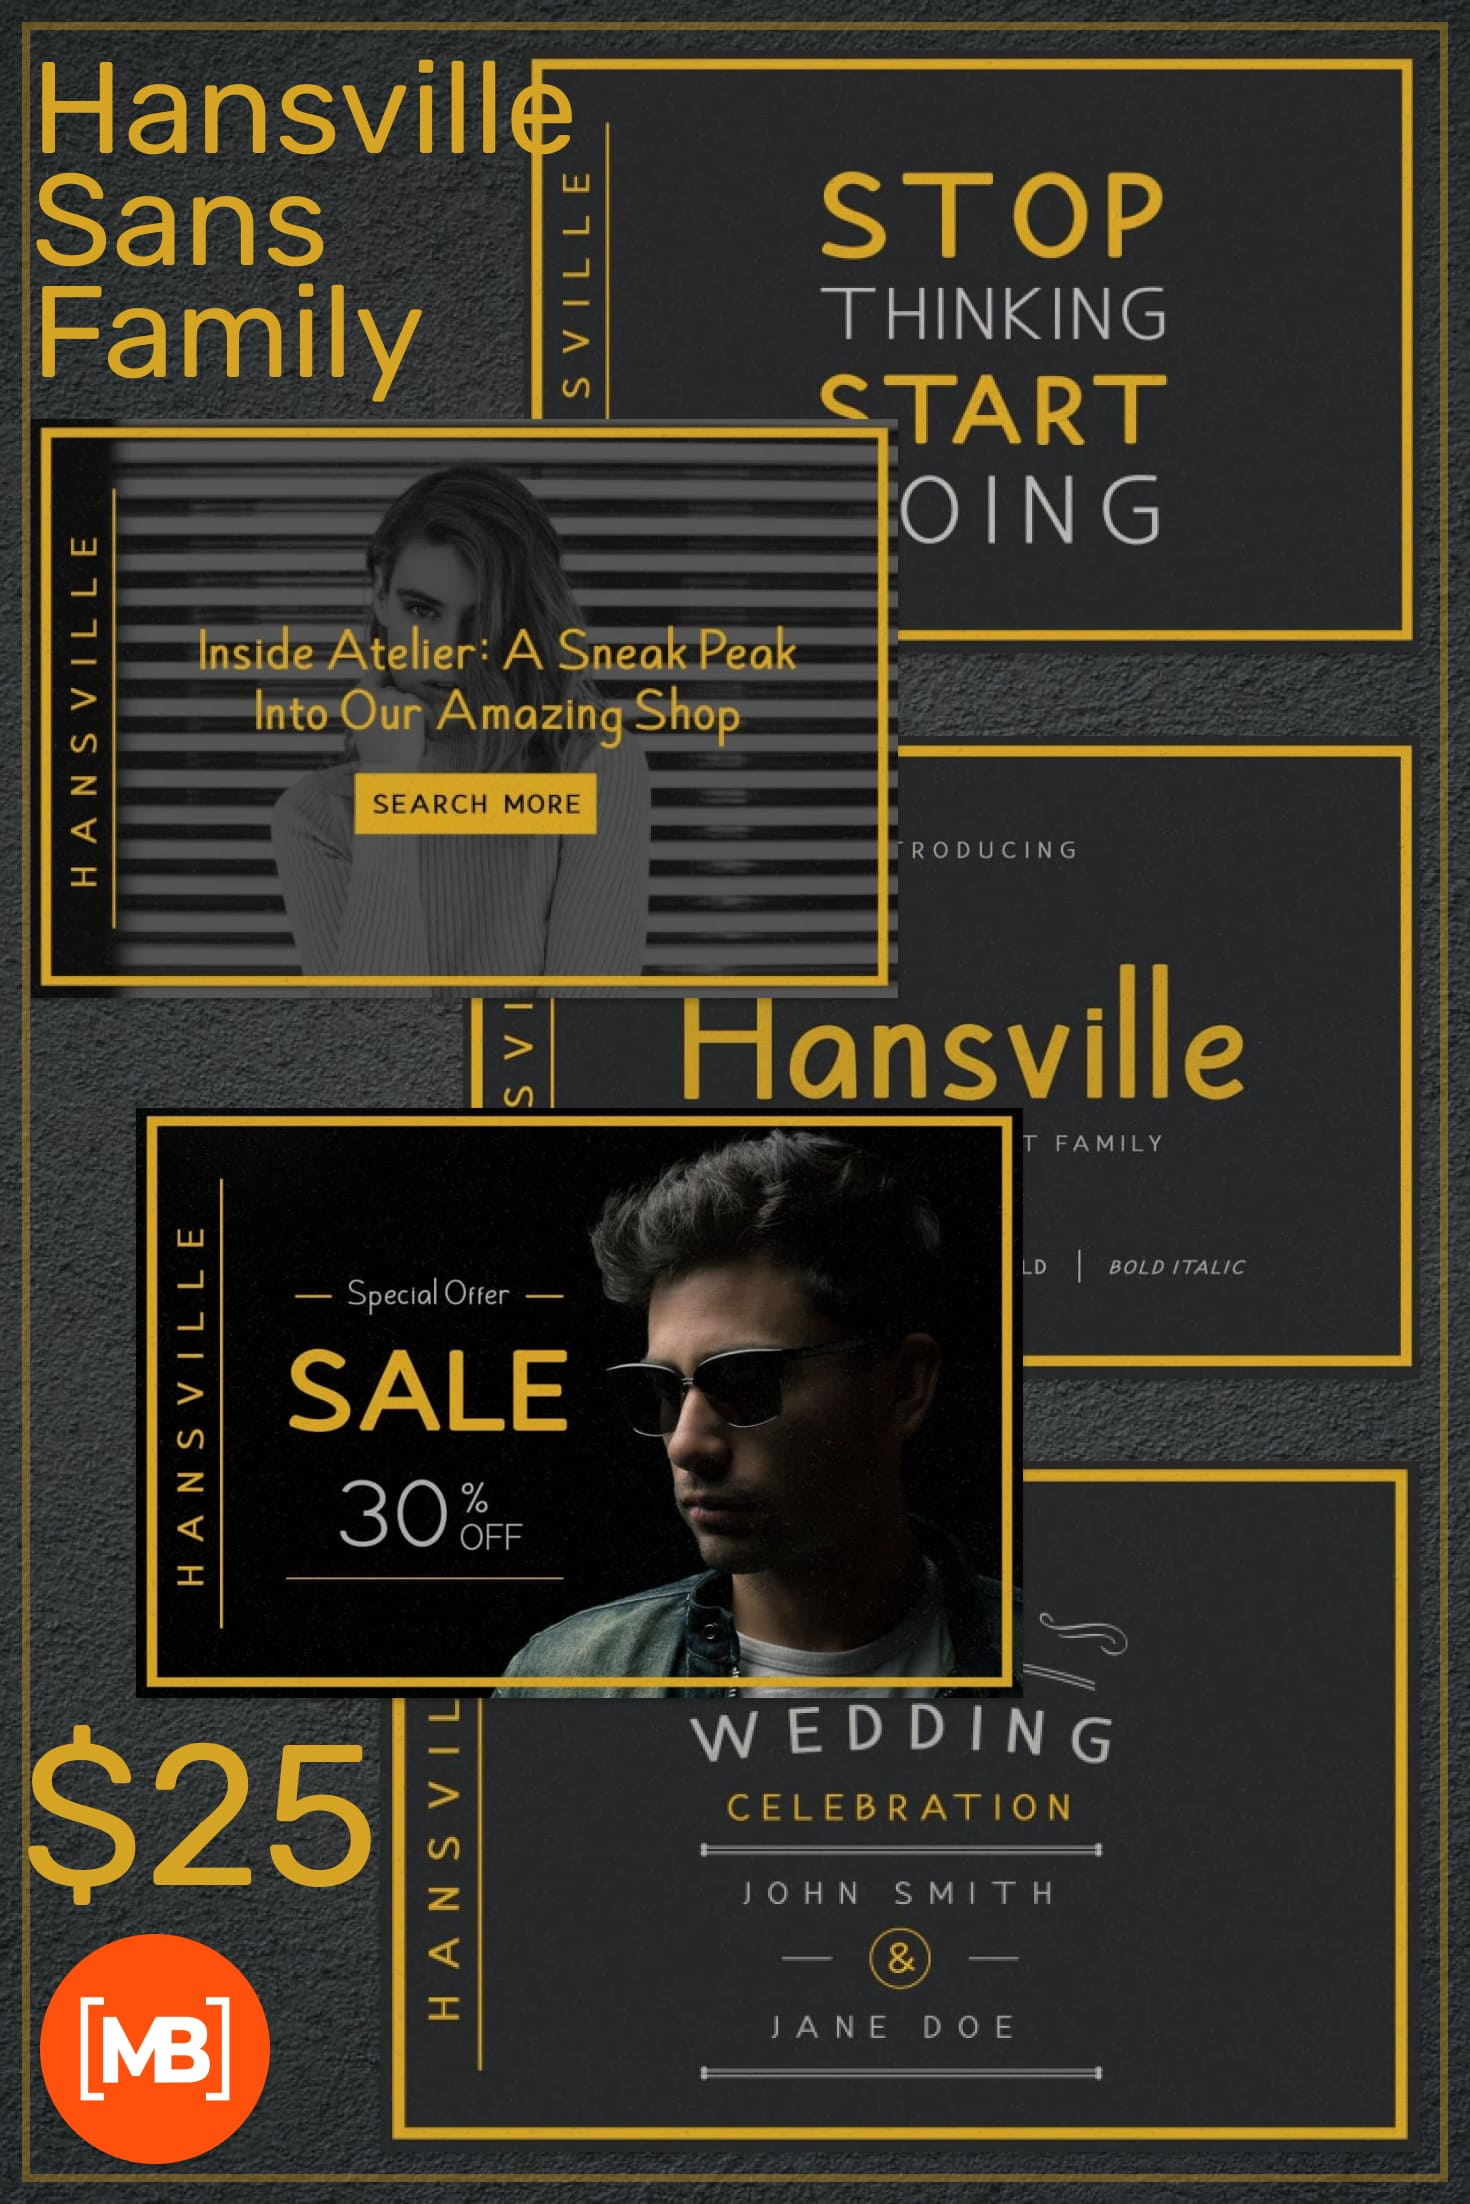 Pinterest Image: Hansville Sans Family - $10.